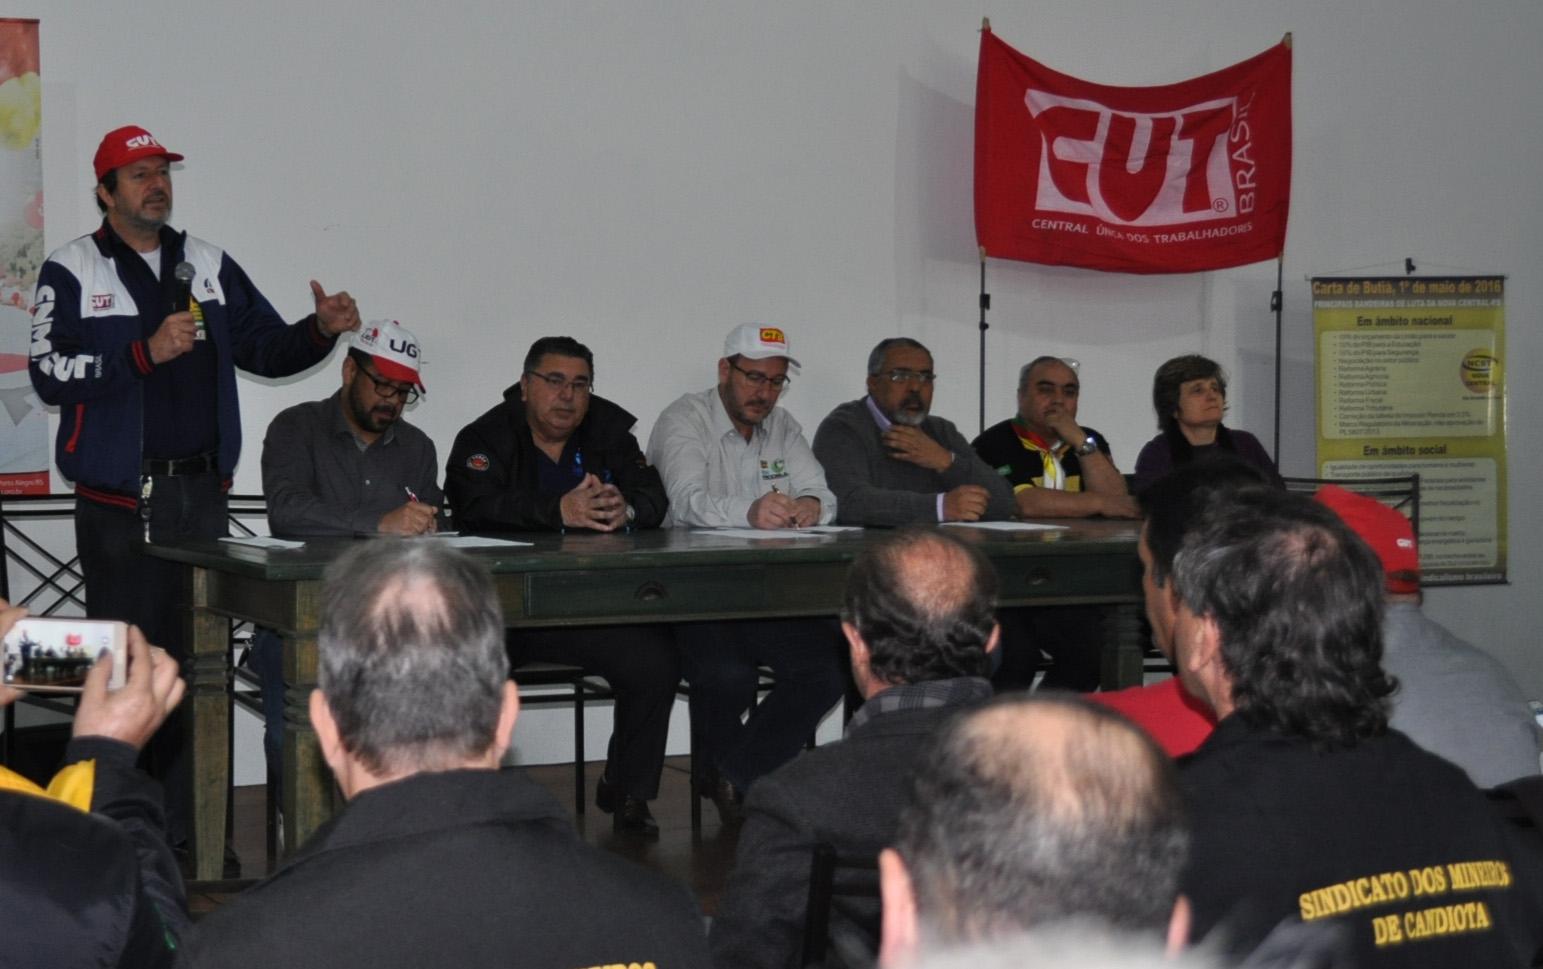 """8f7a8e046 """"A história é implacável com quem se acovarda"""", afirmou o presidente da  CUT-RS, Claudir Nespolo, durante a plenária unificada das centrais sindicais,  ..."""